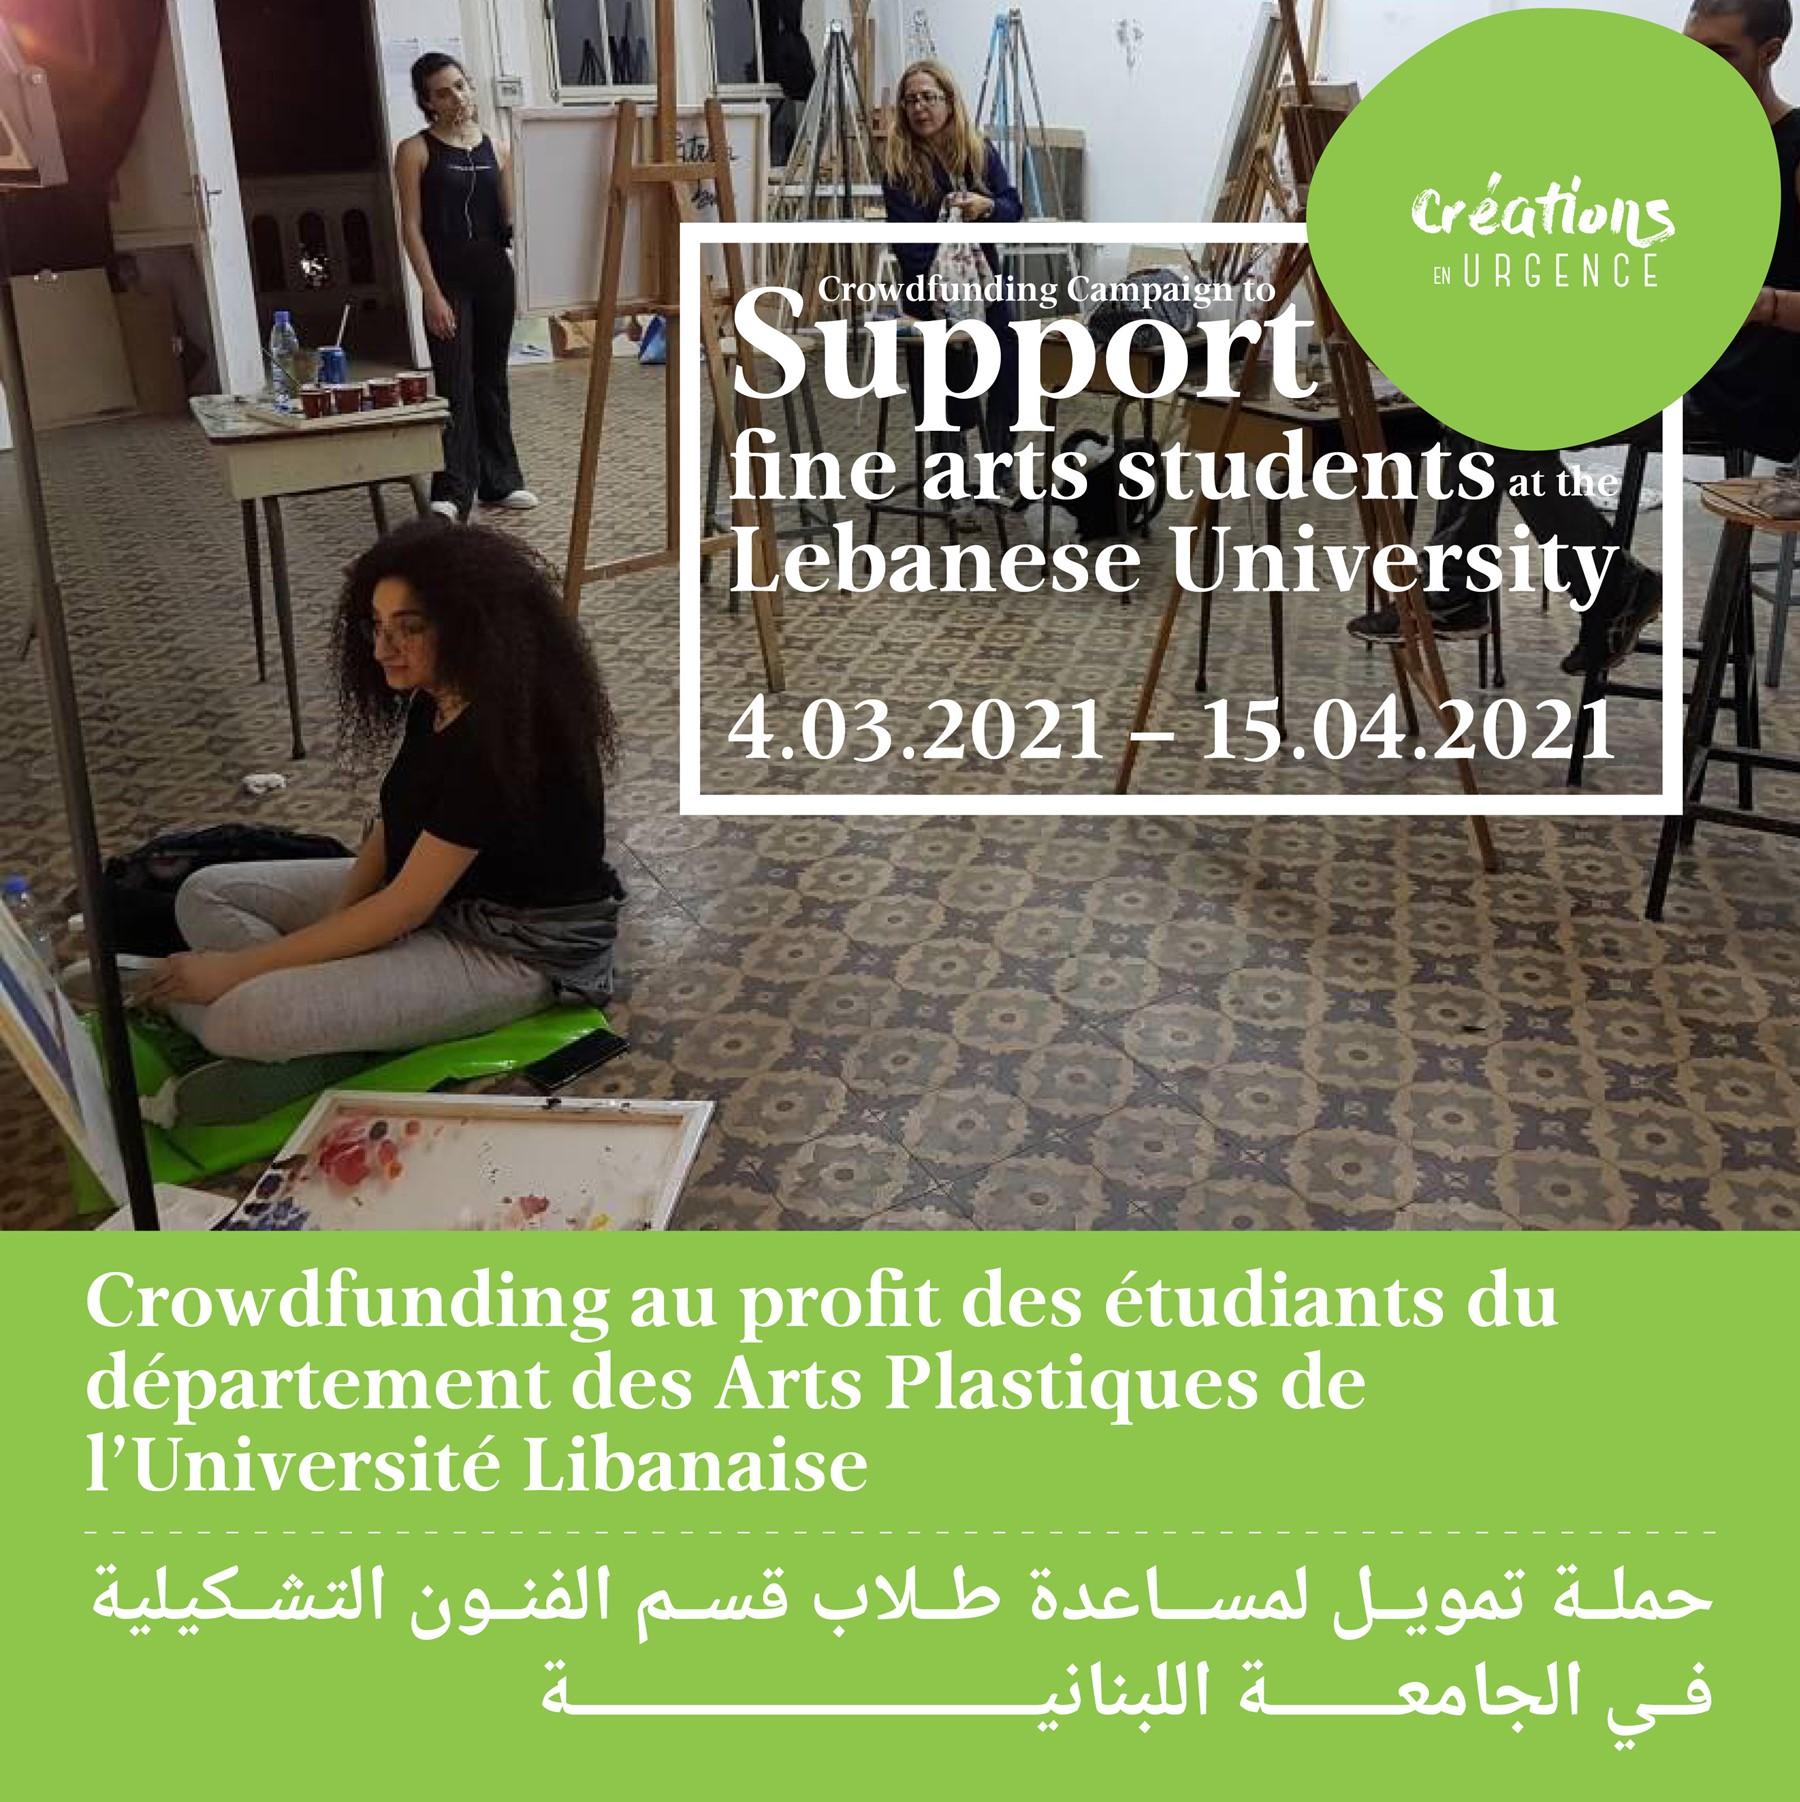 Crowdfunding au profit des étudiants du département des Arts Plastiques de l'université libanaise